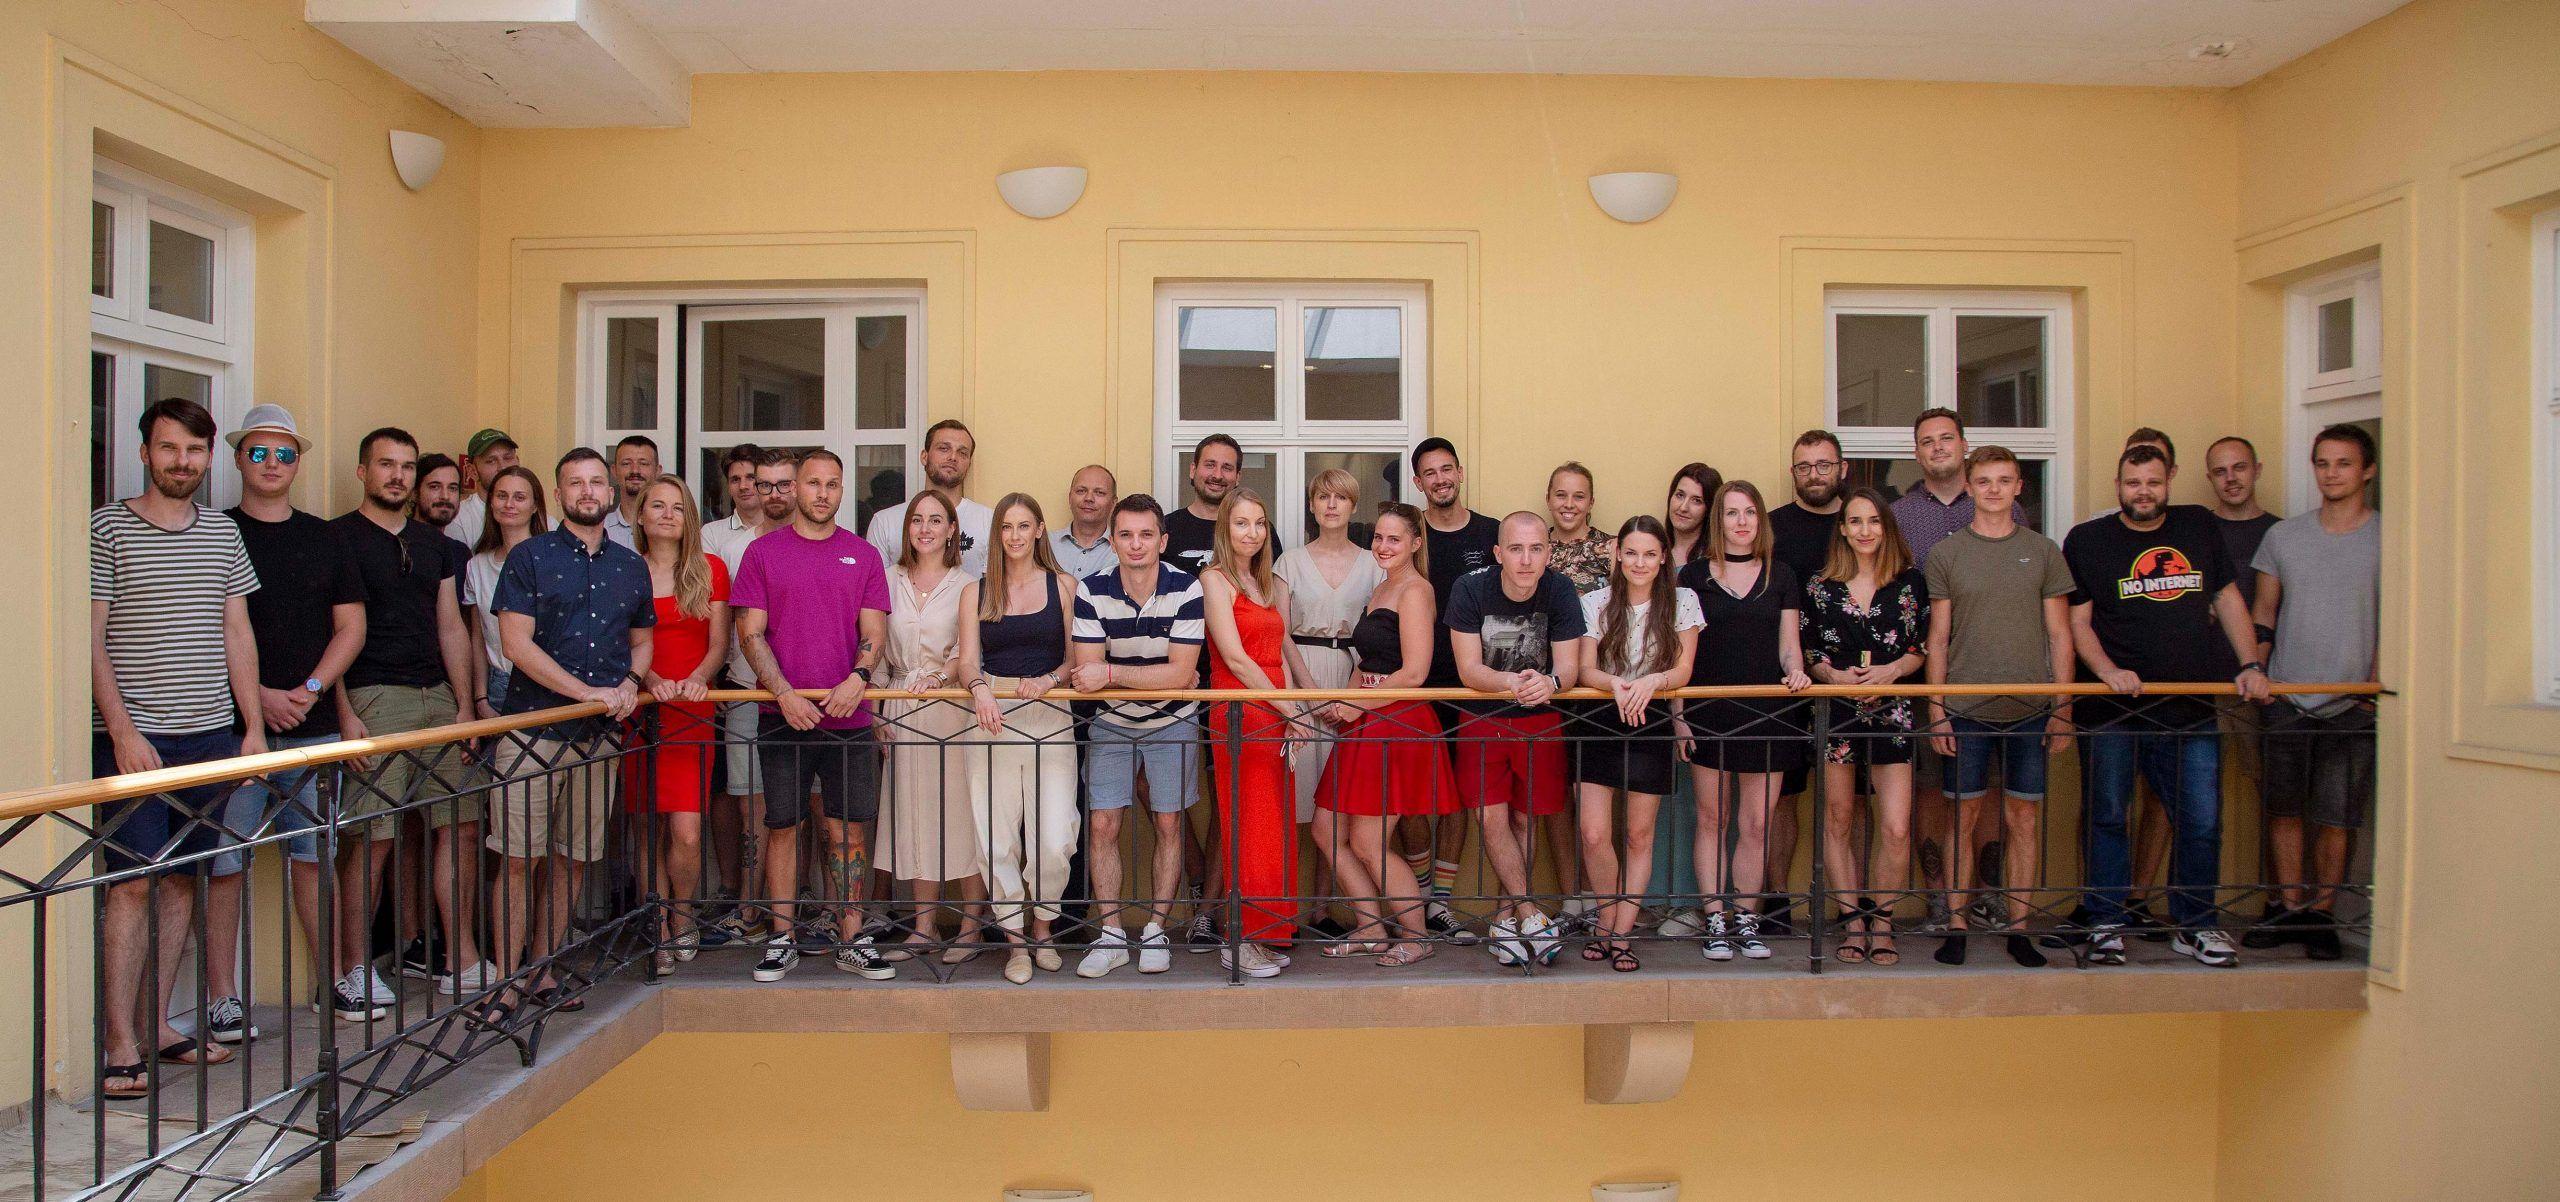 Spoločná fotografia ľudí z Visibility